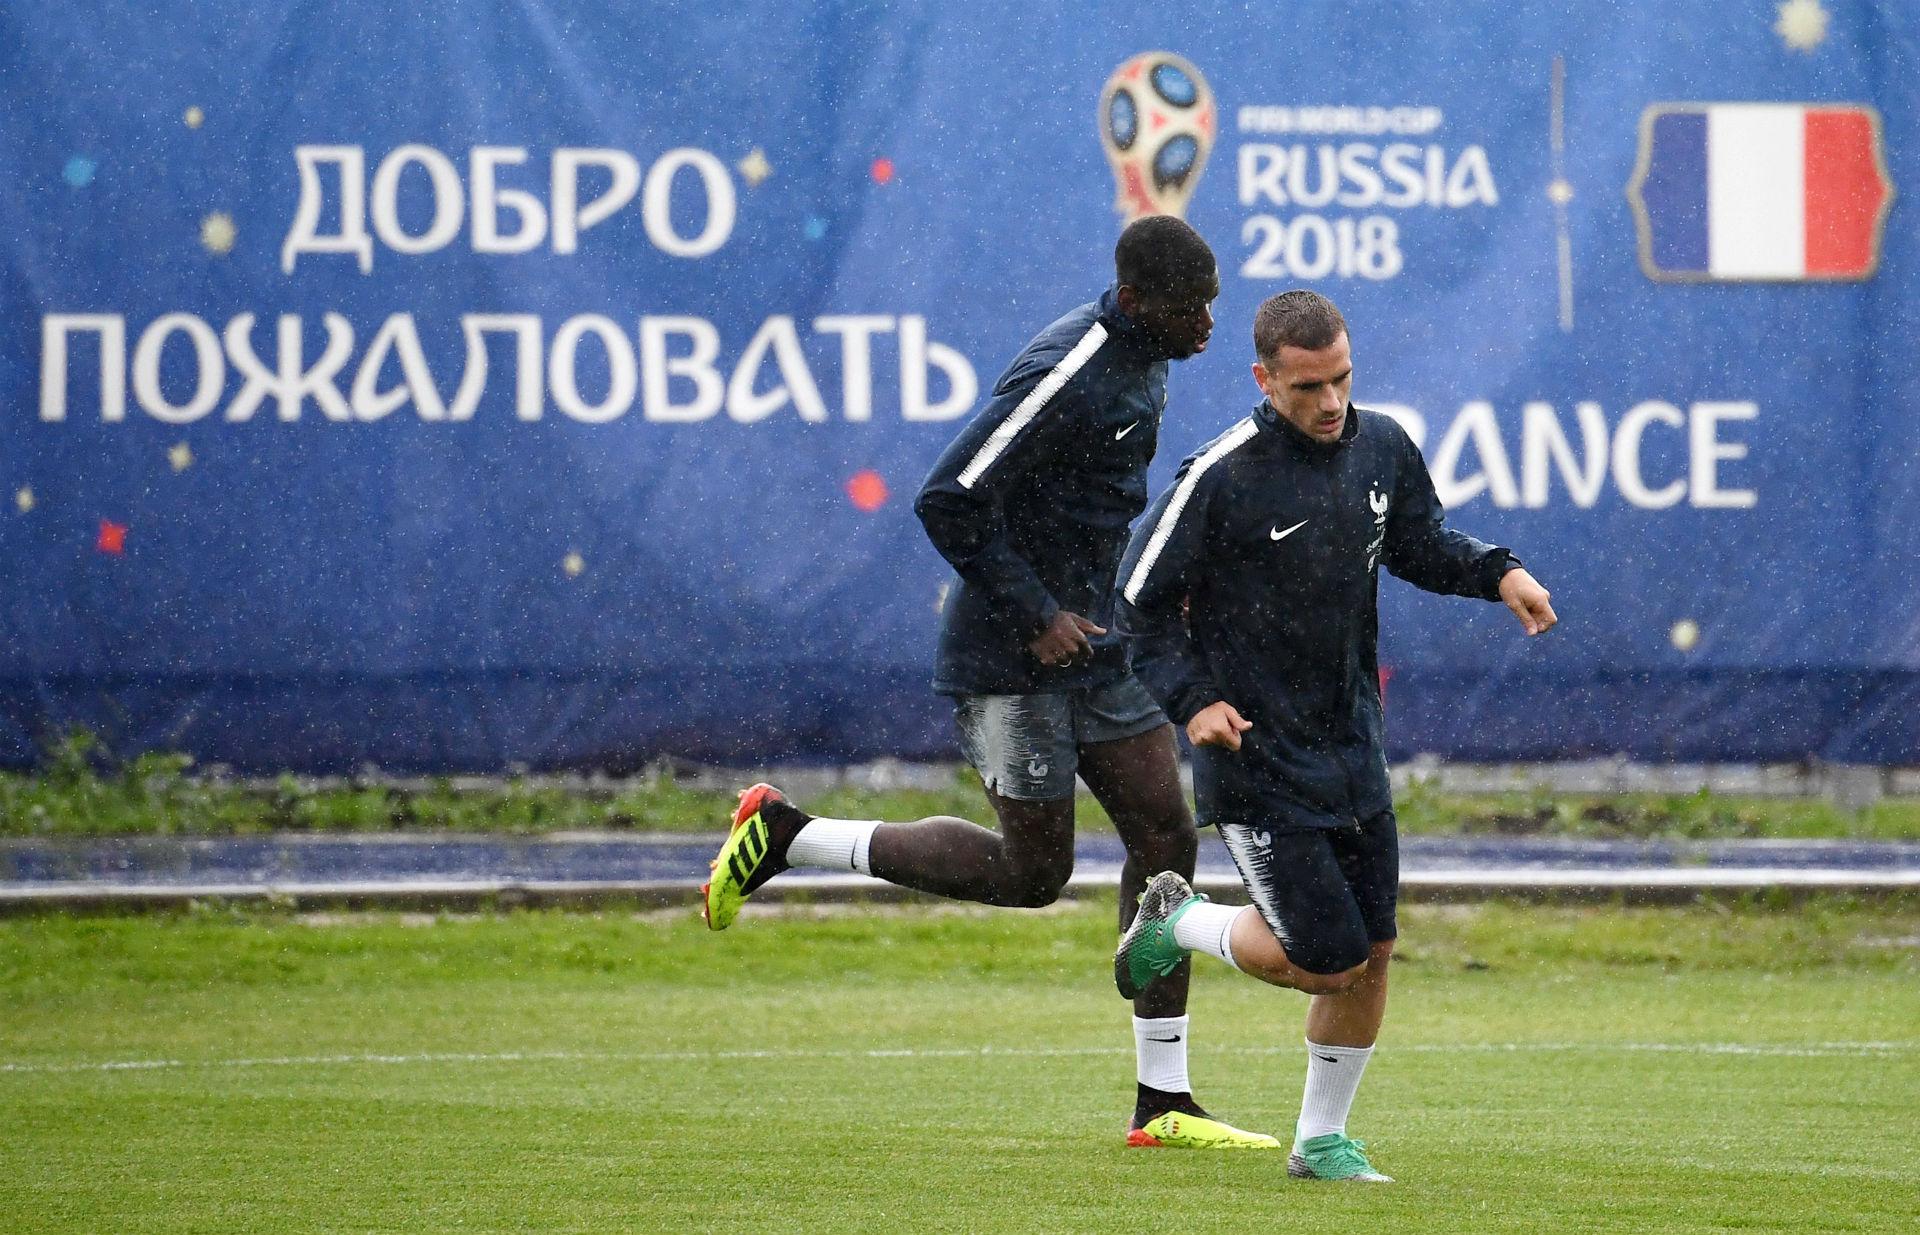 Игроки сборной Франции тренируются перед матчем в России